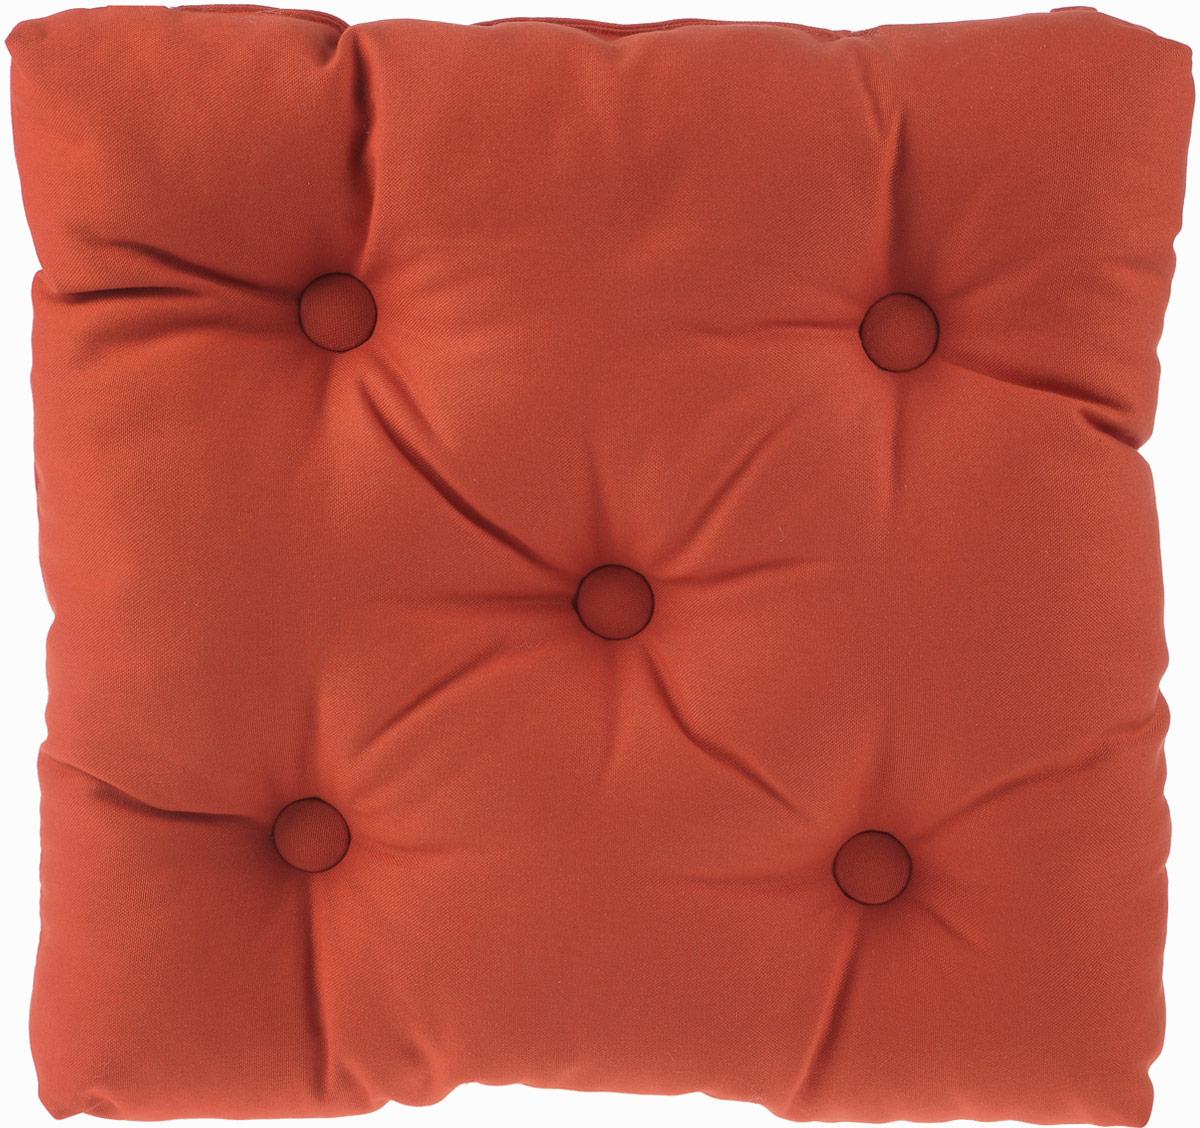 Подушка на стул KauffOrt Комо, цвет: темно-оранжевый, 40 x 40 см3121050130Подушка на стул KauffOrt Комо не только красиво дополнит интерьер кухни, но и обеспечит комфорт при сидении. Чехол выполнен из хлопка, а наполнитель из холлофайбера. Подушка легко крепится на стул с помощью завязок. Правильно сидеть - значит сохранить здоровье на долгие годы. Жесткие сидения подвергают наше здоровье опасности. Подушка с мягким наполнителем поможет предотвратить большинство нежелательных последствий сидячего образа жизни.Толщина подушки: 10 см.